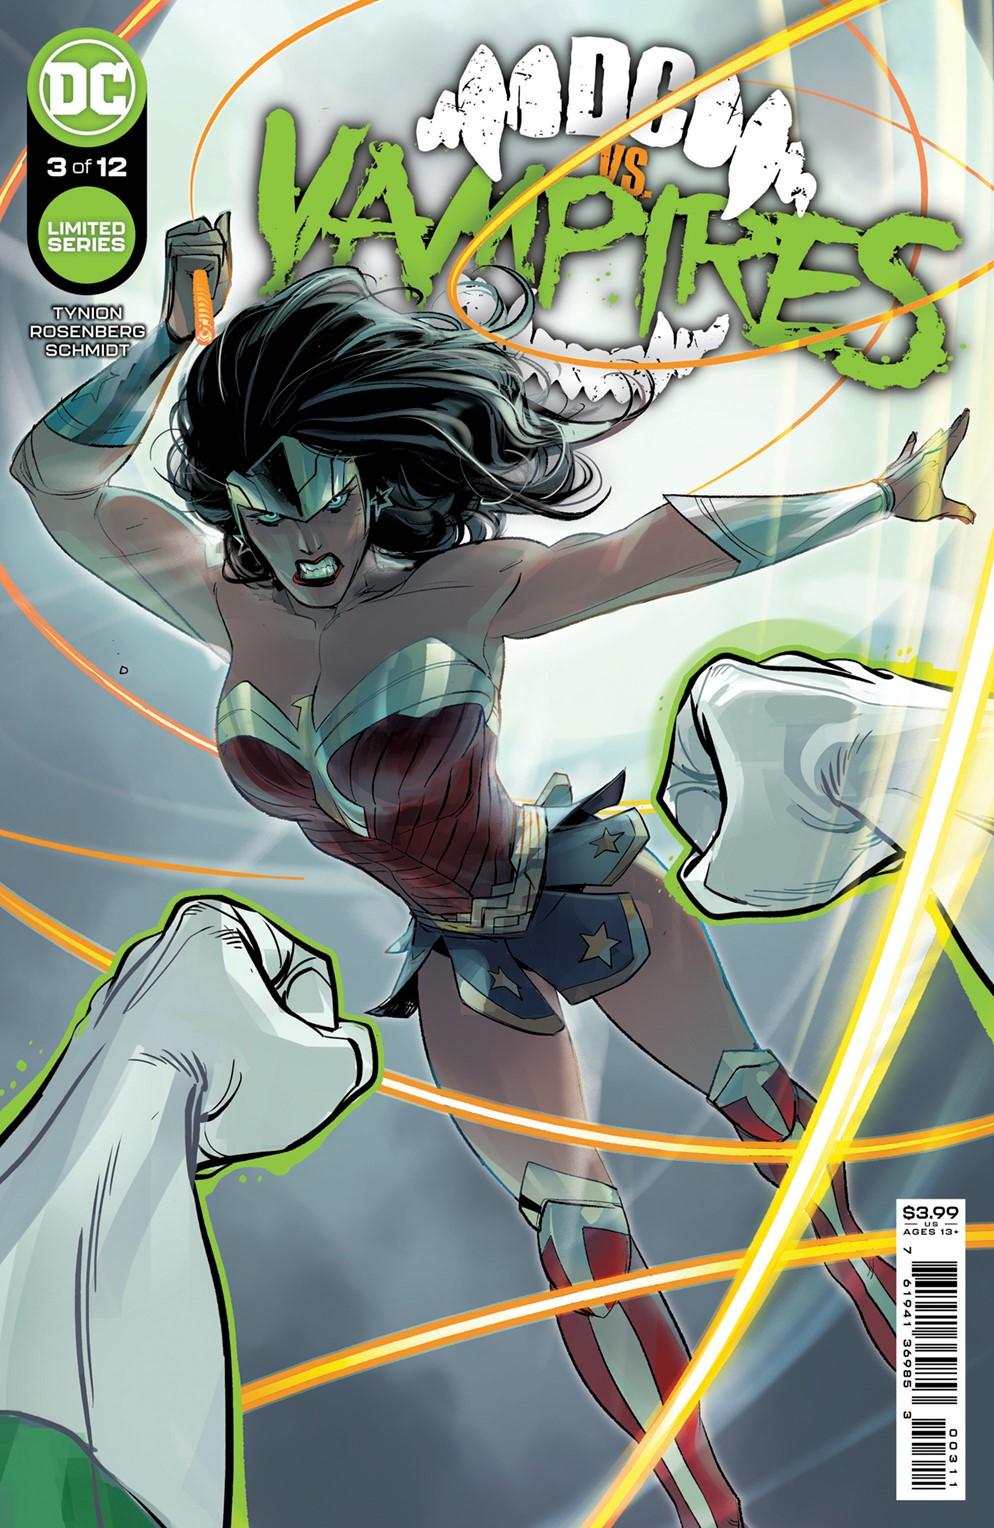 DCvV_Cv3 DC Comics December 2021 Solicitations